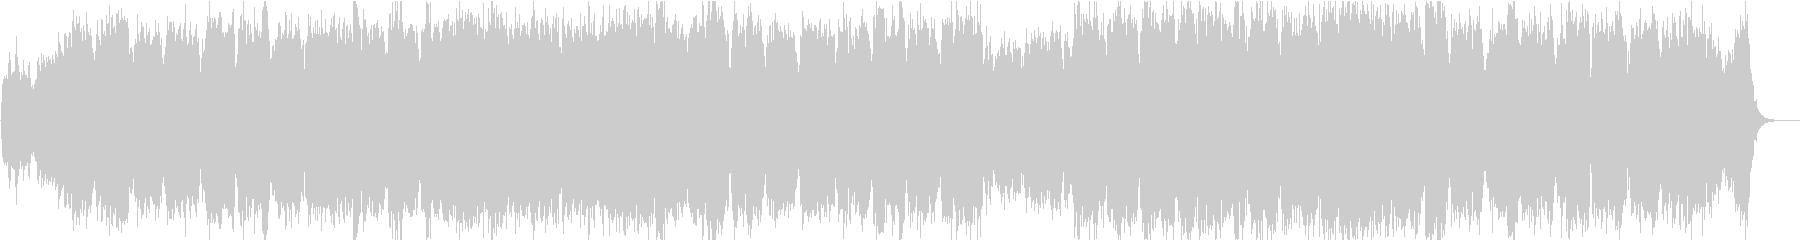 アグレッシブで壮大なホルンとオーケストラの未再生の波形